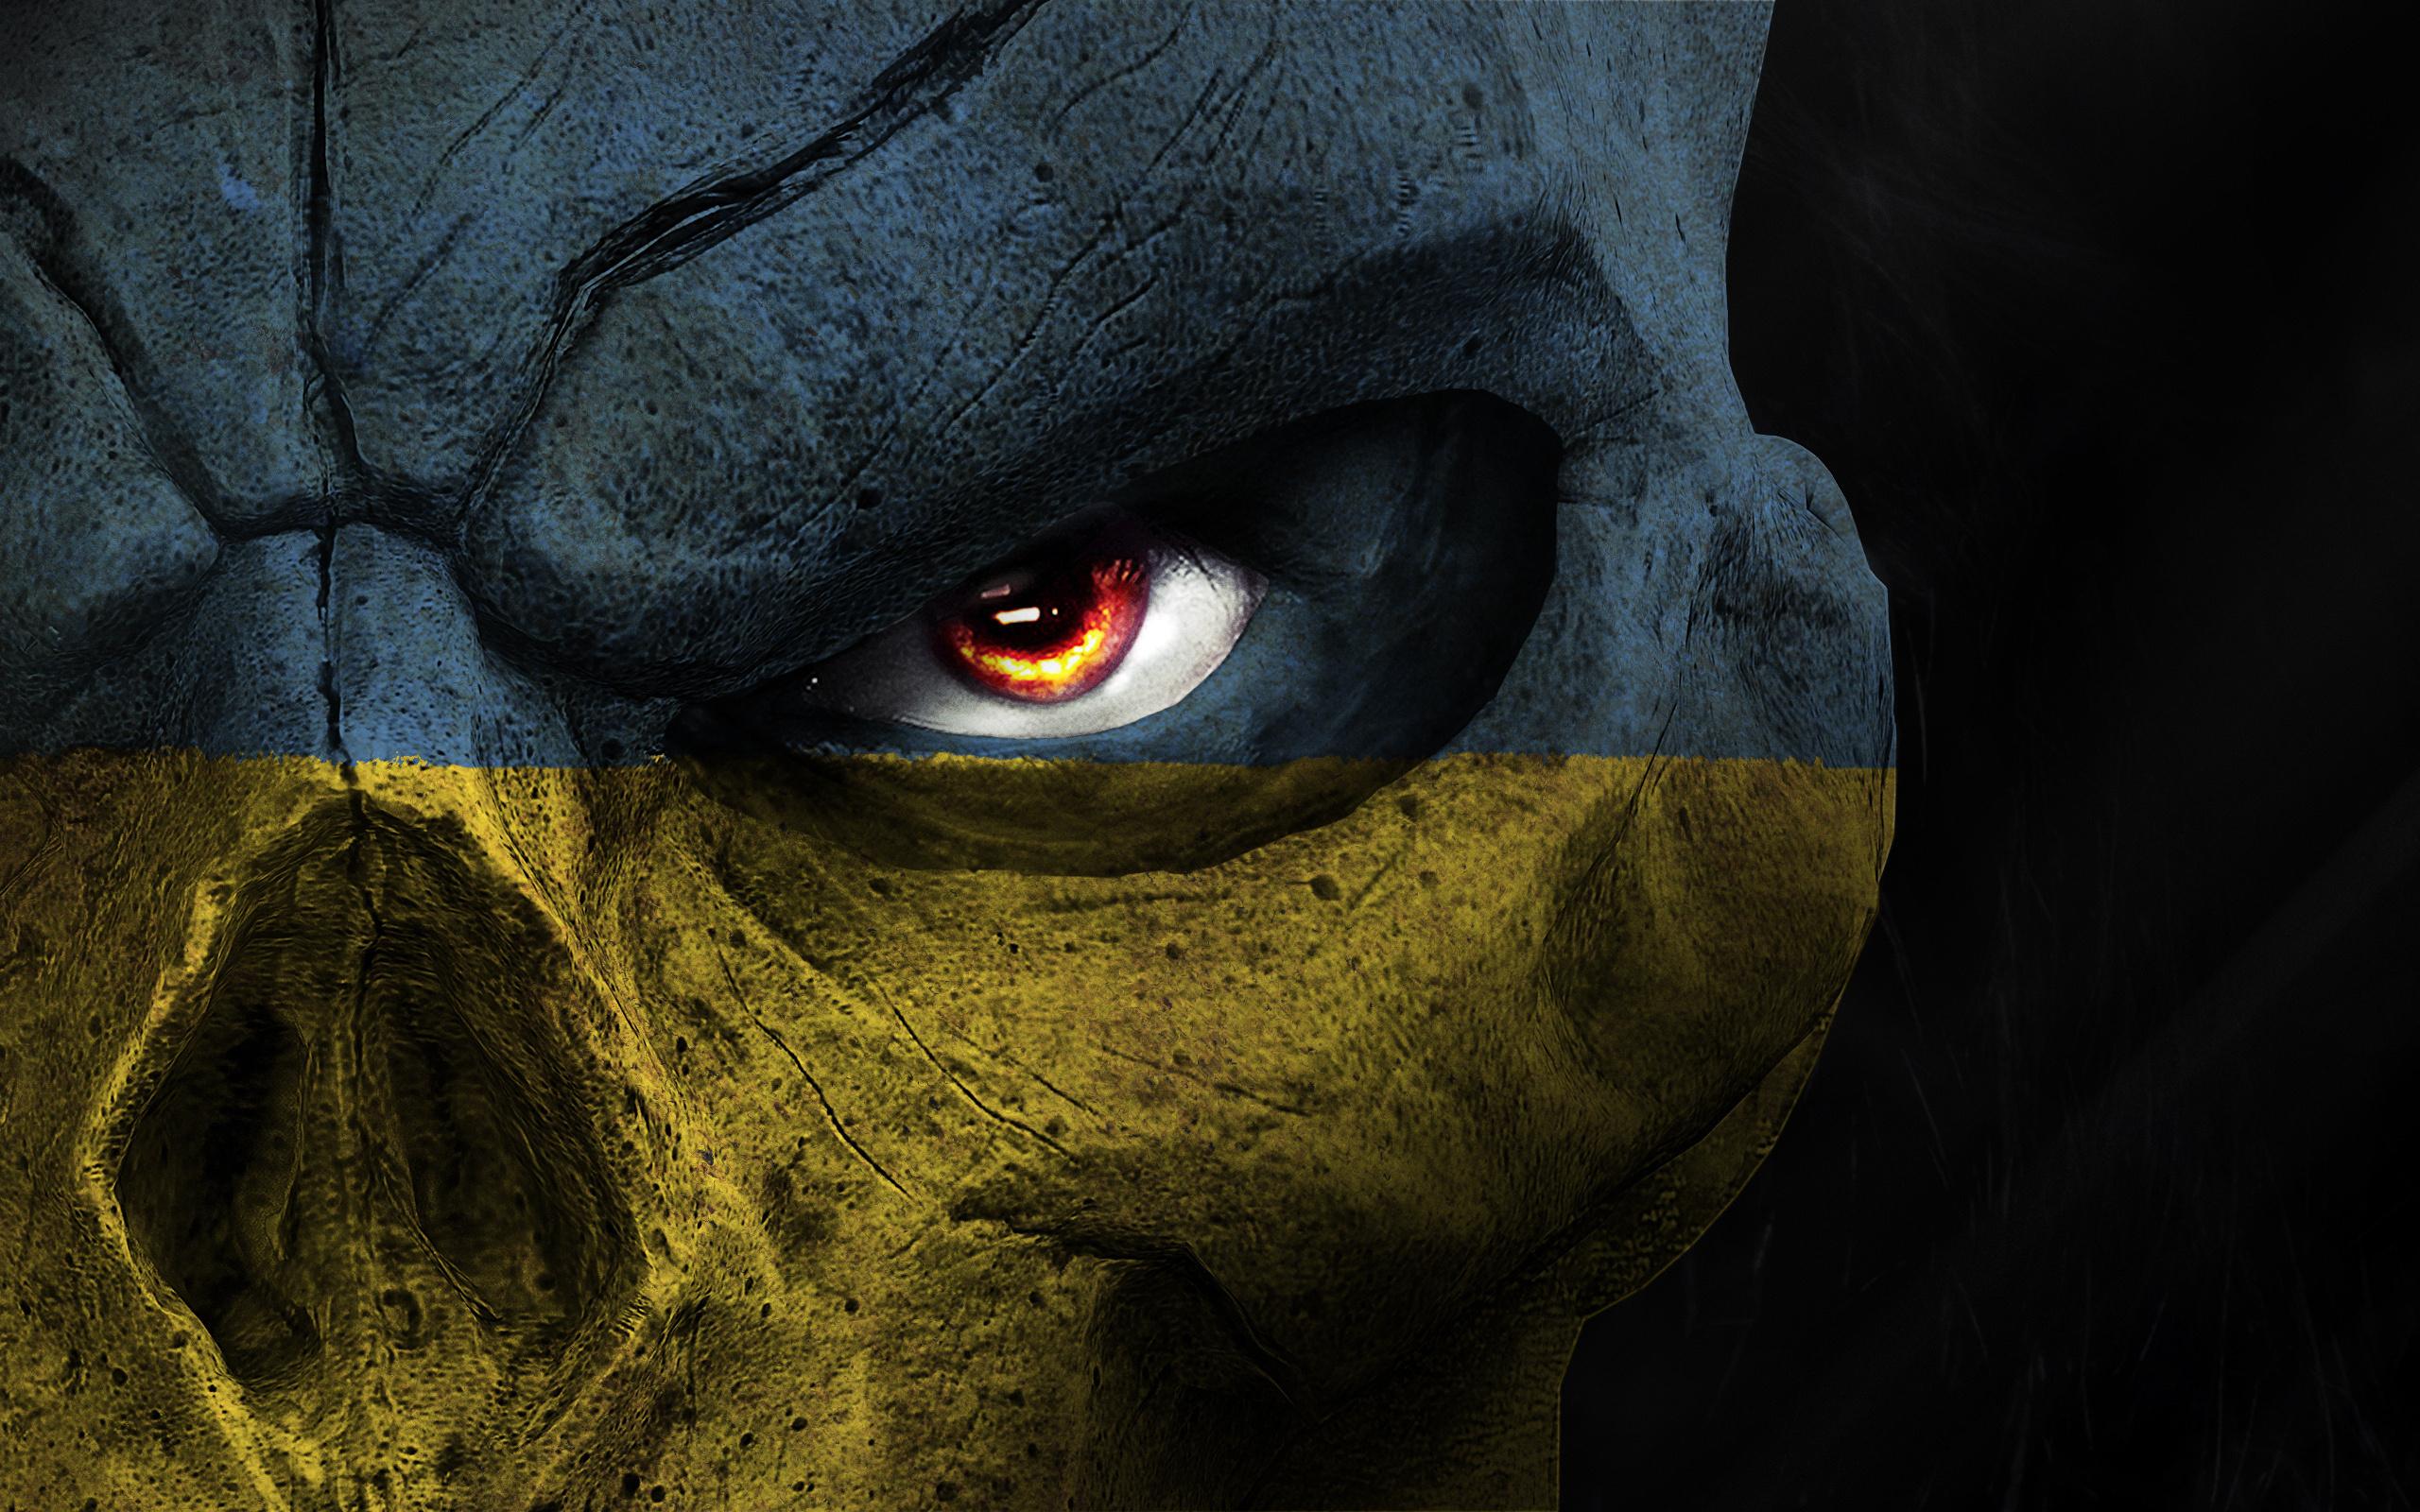 голова, фотошоп, флаг украины, игра, маска,смерть,глаза,darksiders 2, флаг пидарастической страны, украина, укропитек сказочный